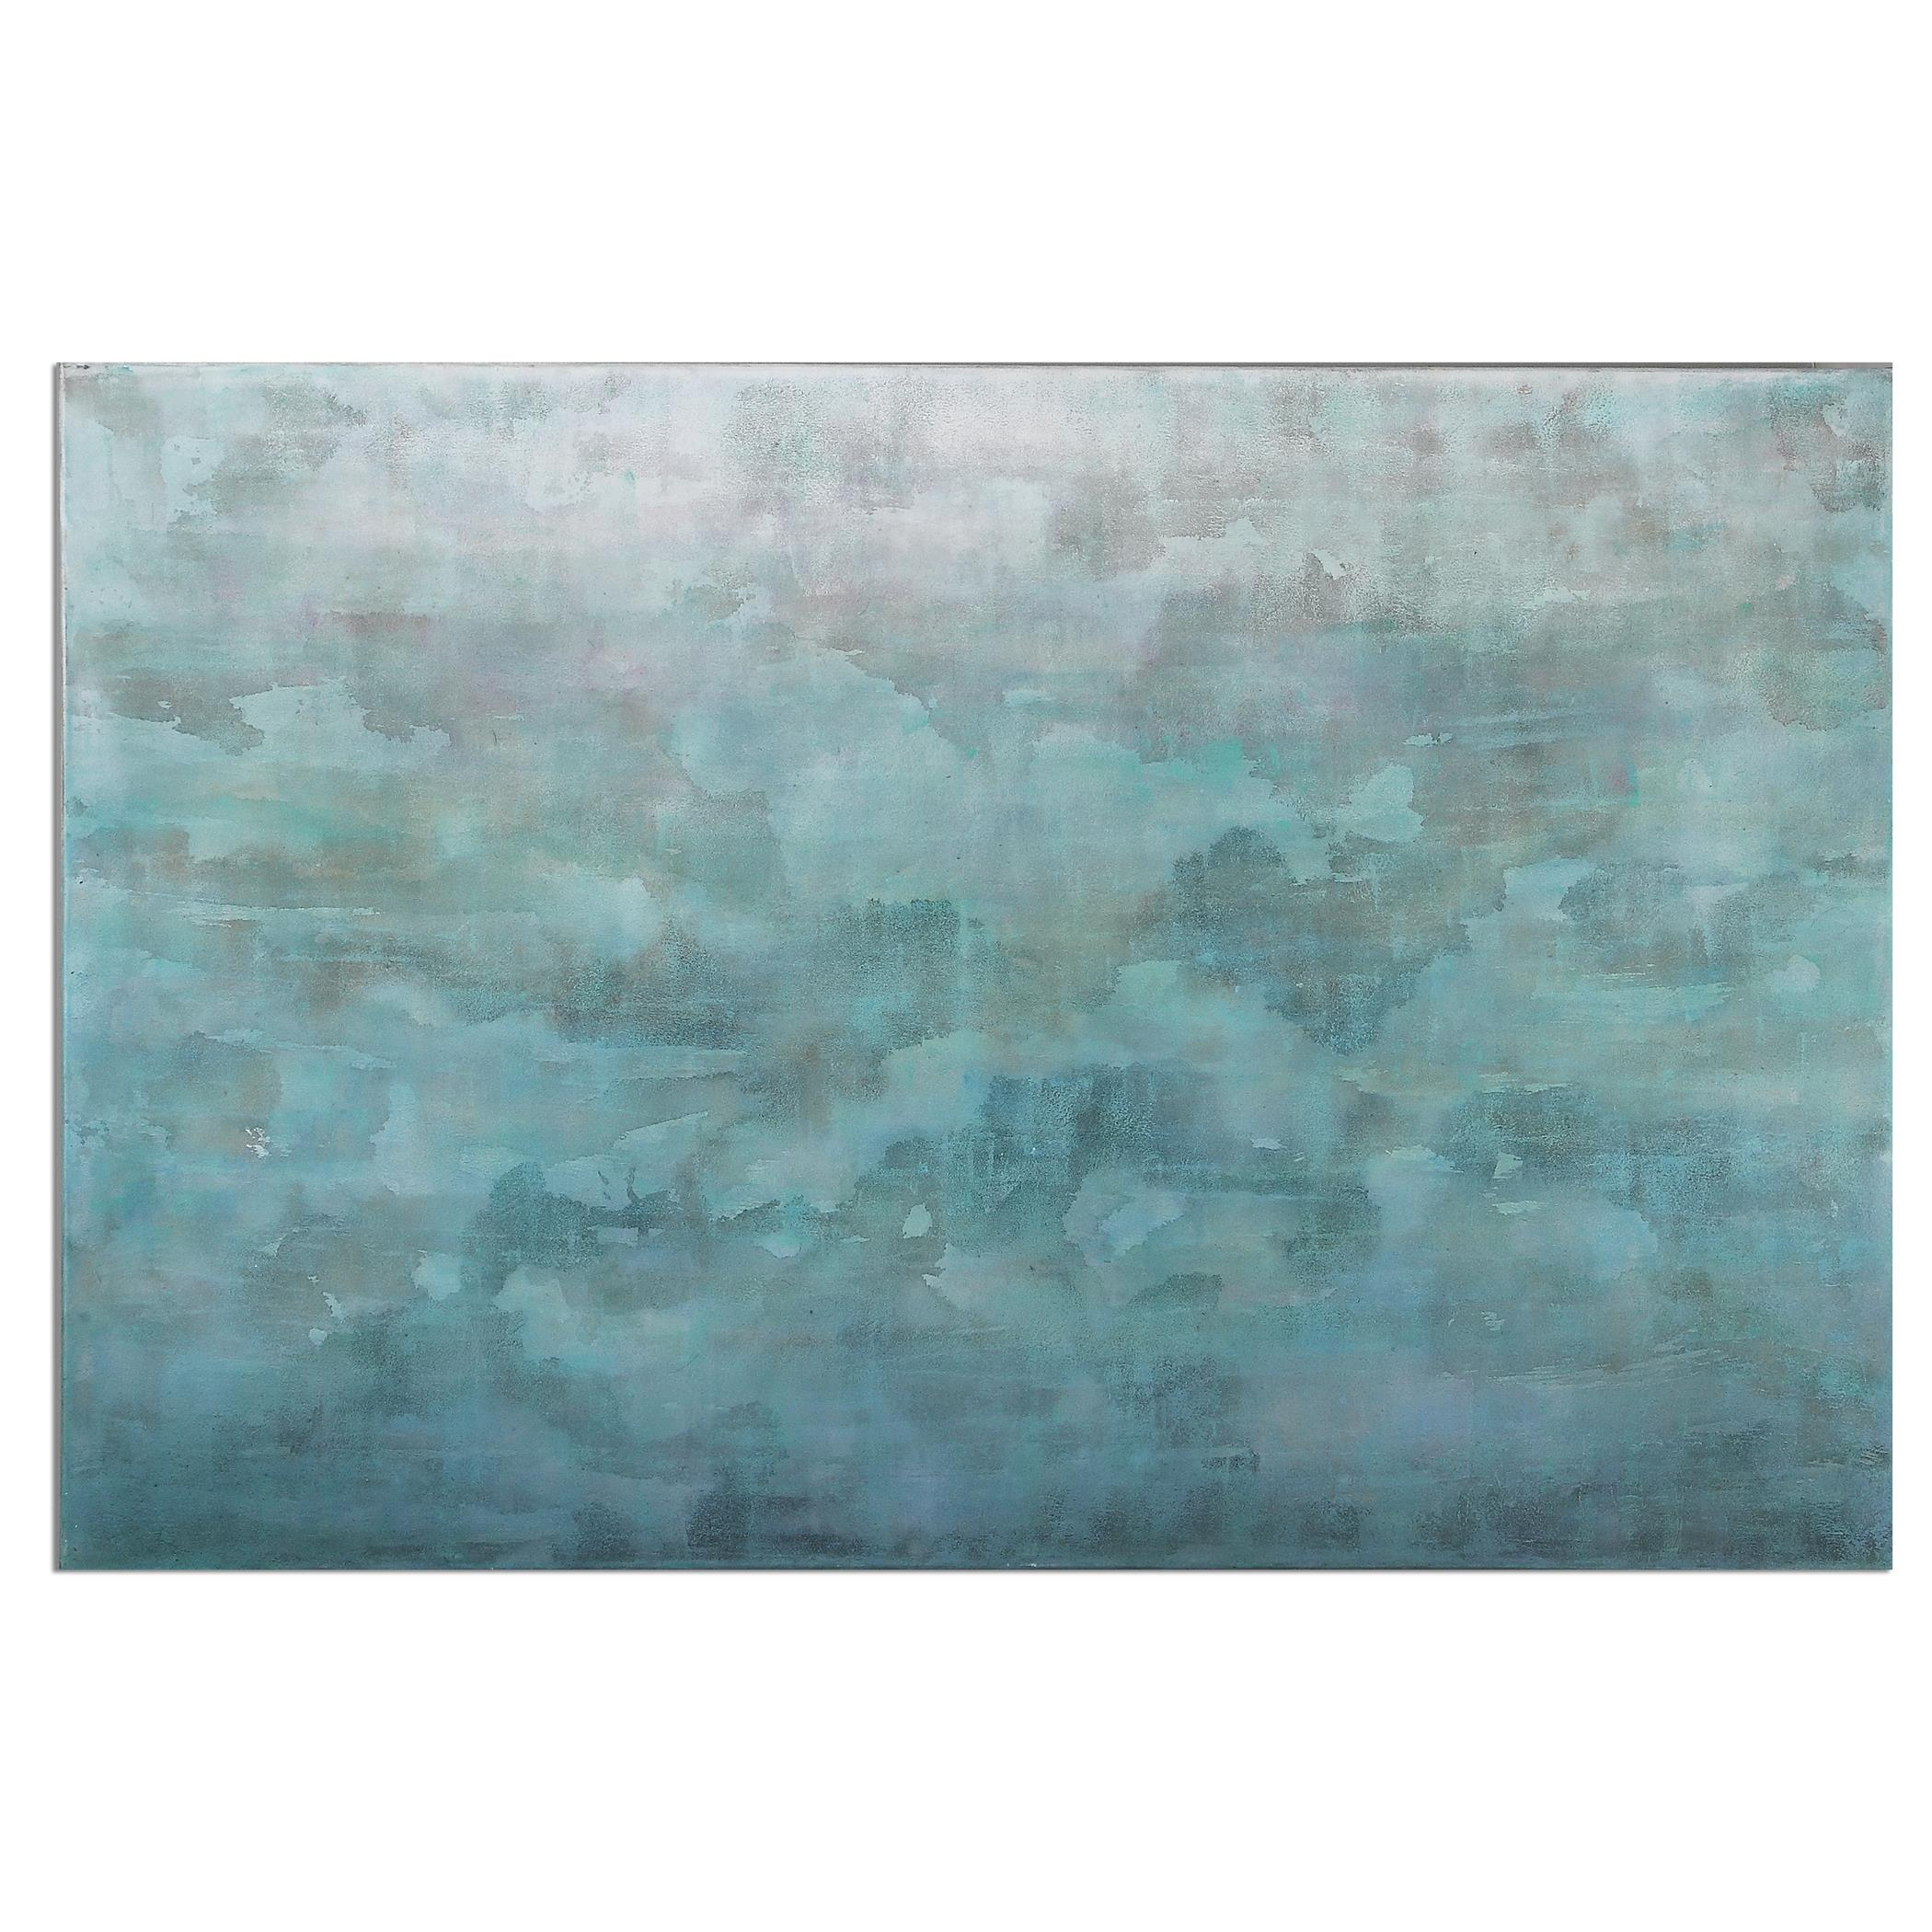 Uttermost Art Frosted Landscape Modern Art - Item Number: 35325